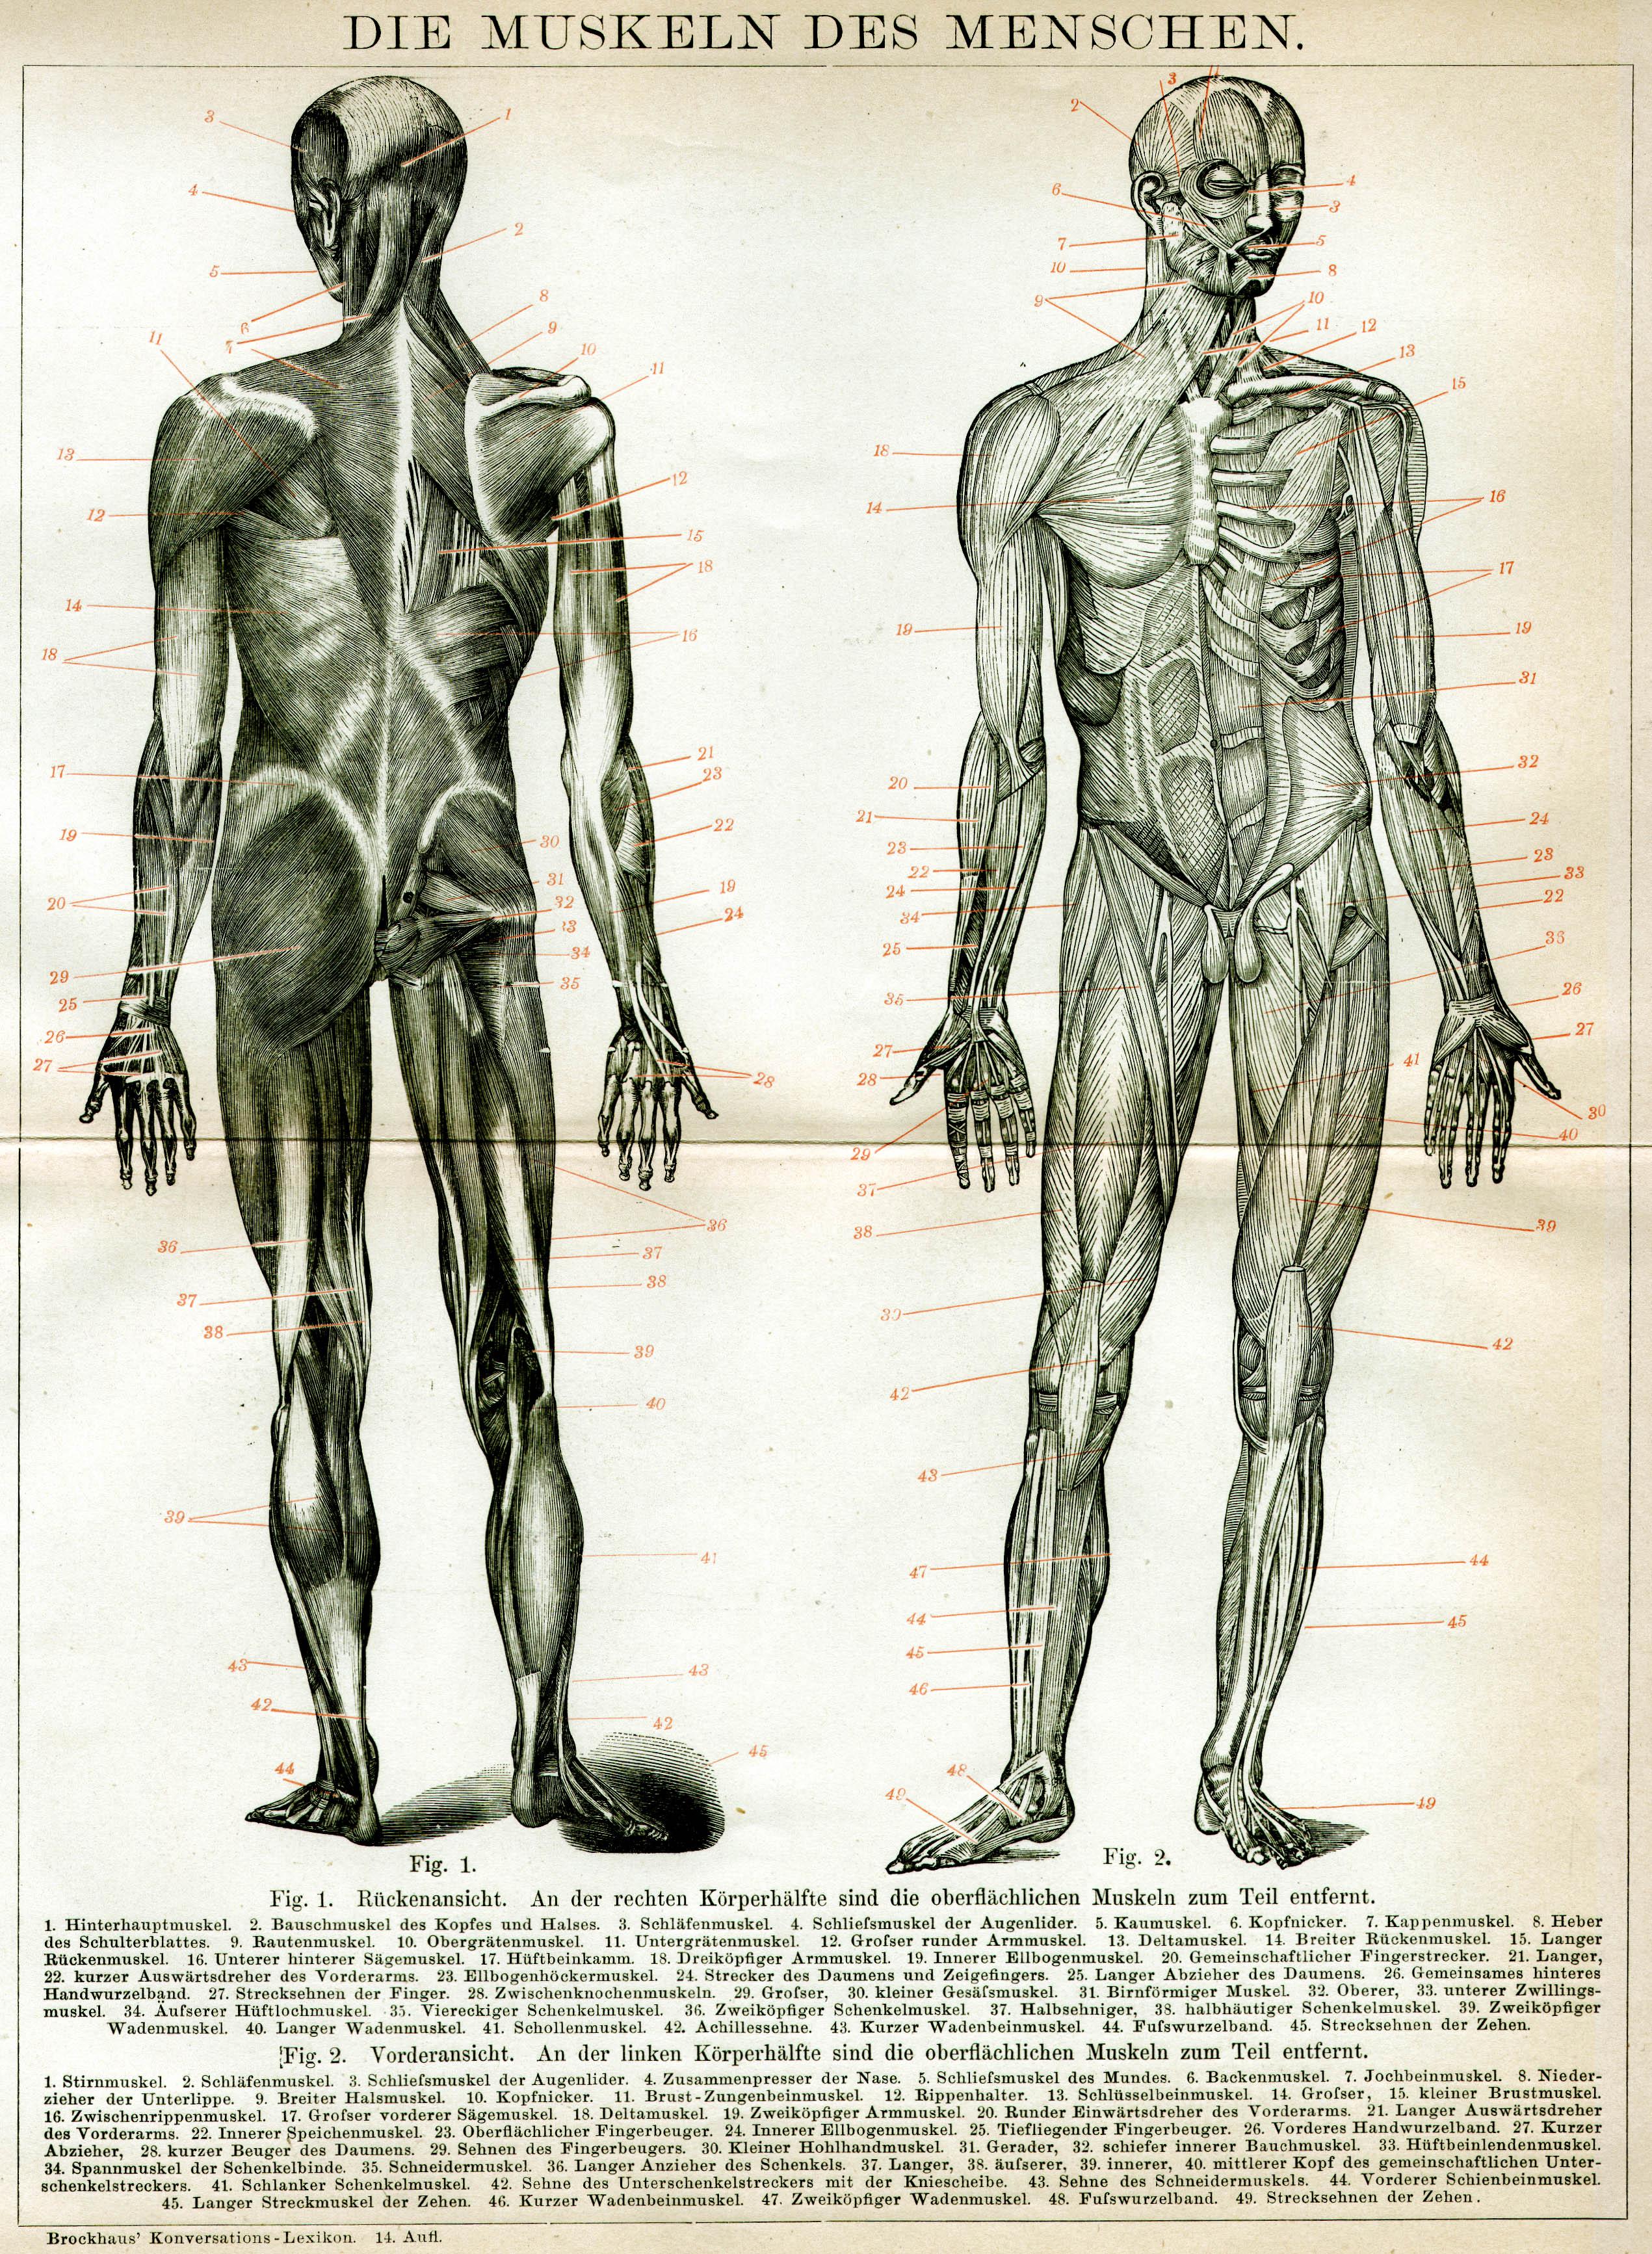 Charmant Diagramm Des Menschlichen Körpers Muskeln Zeitgenössisch ...